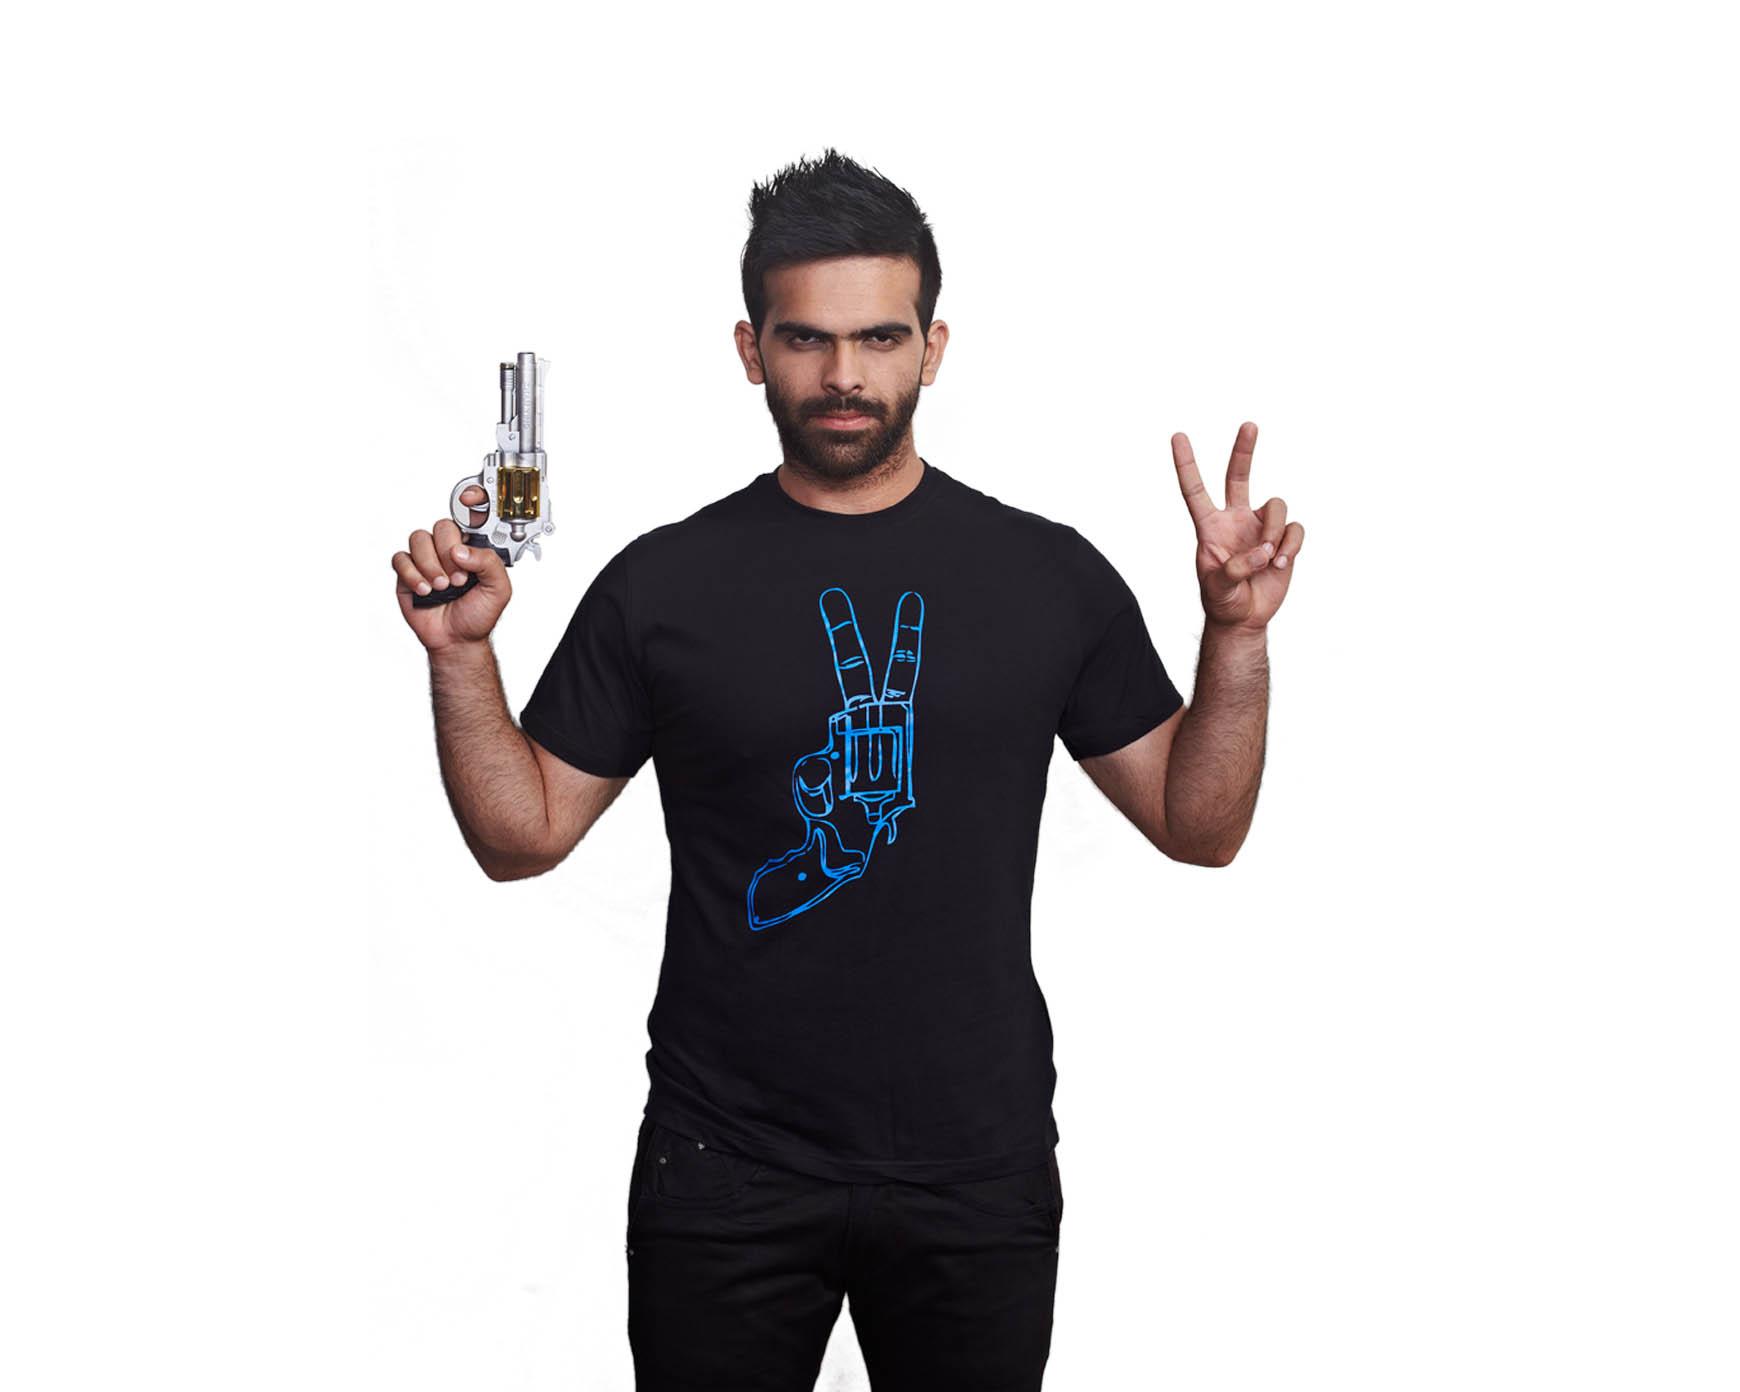 PEACE-GUN